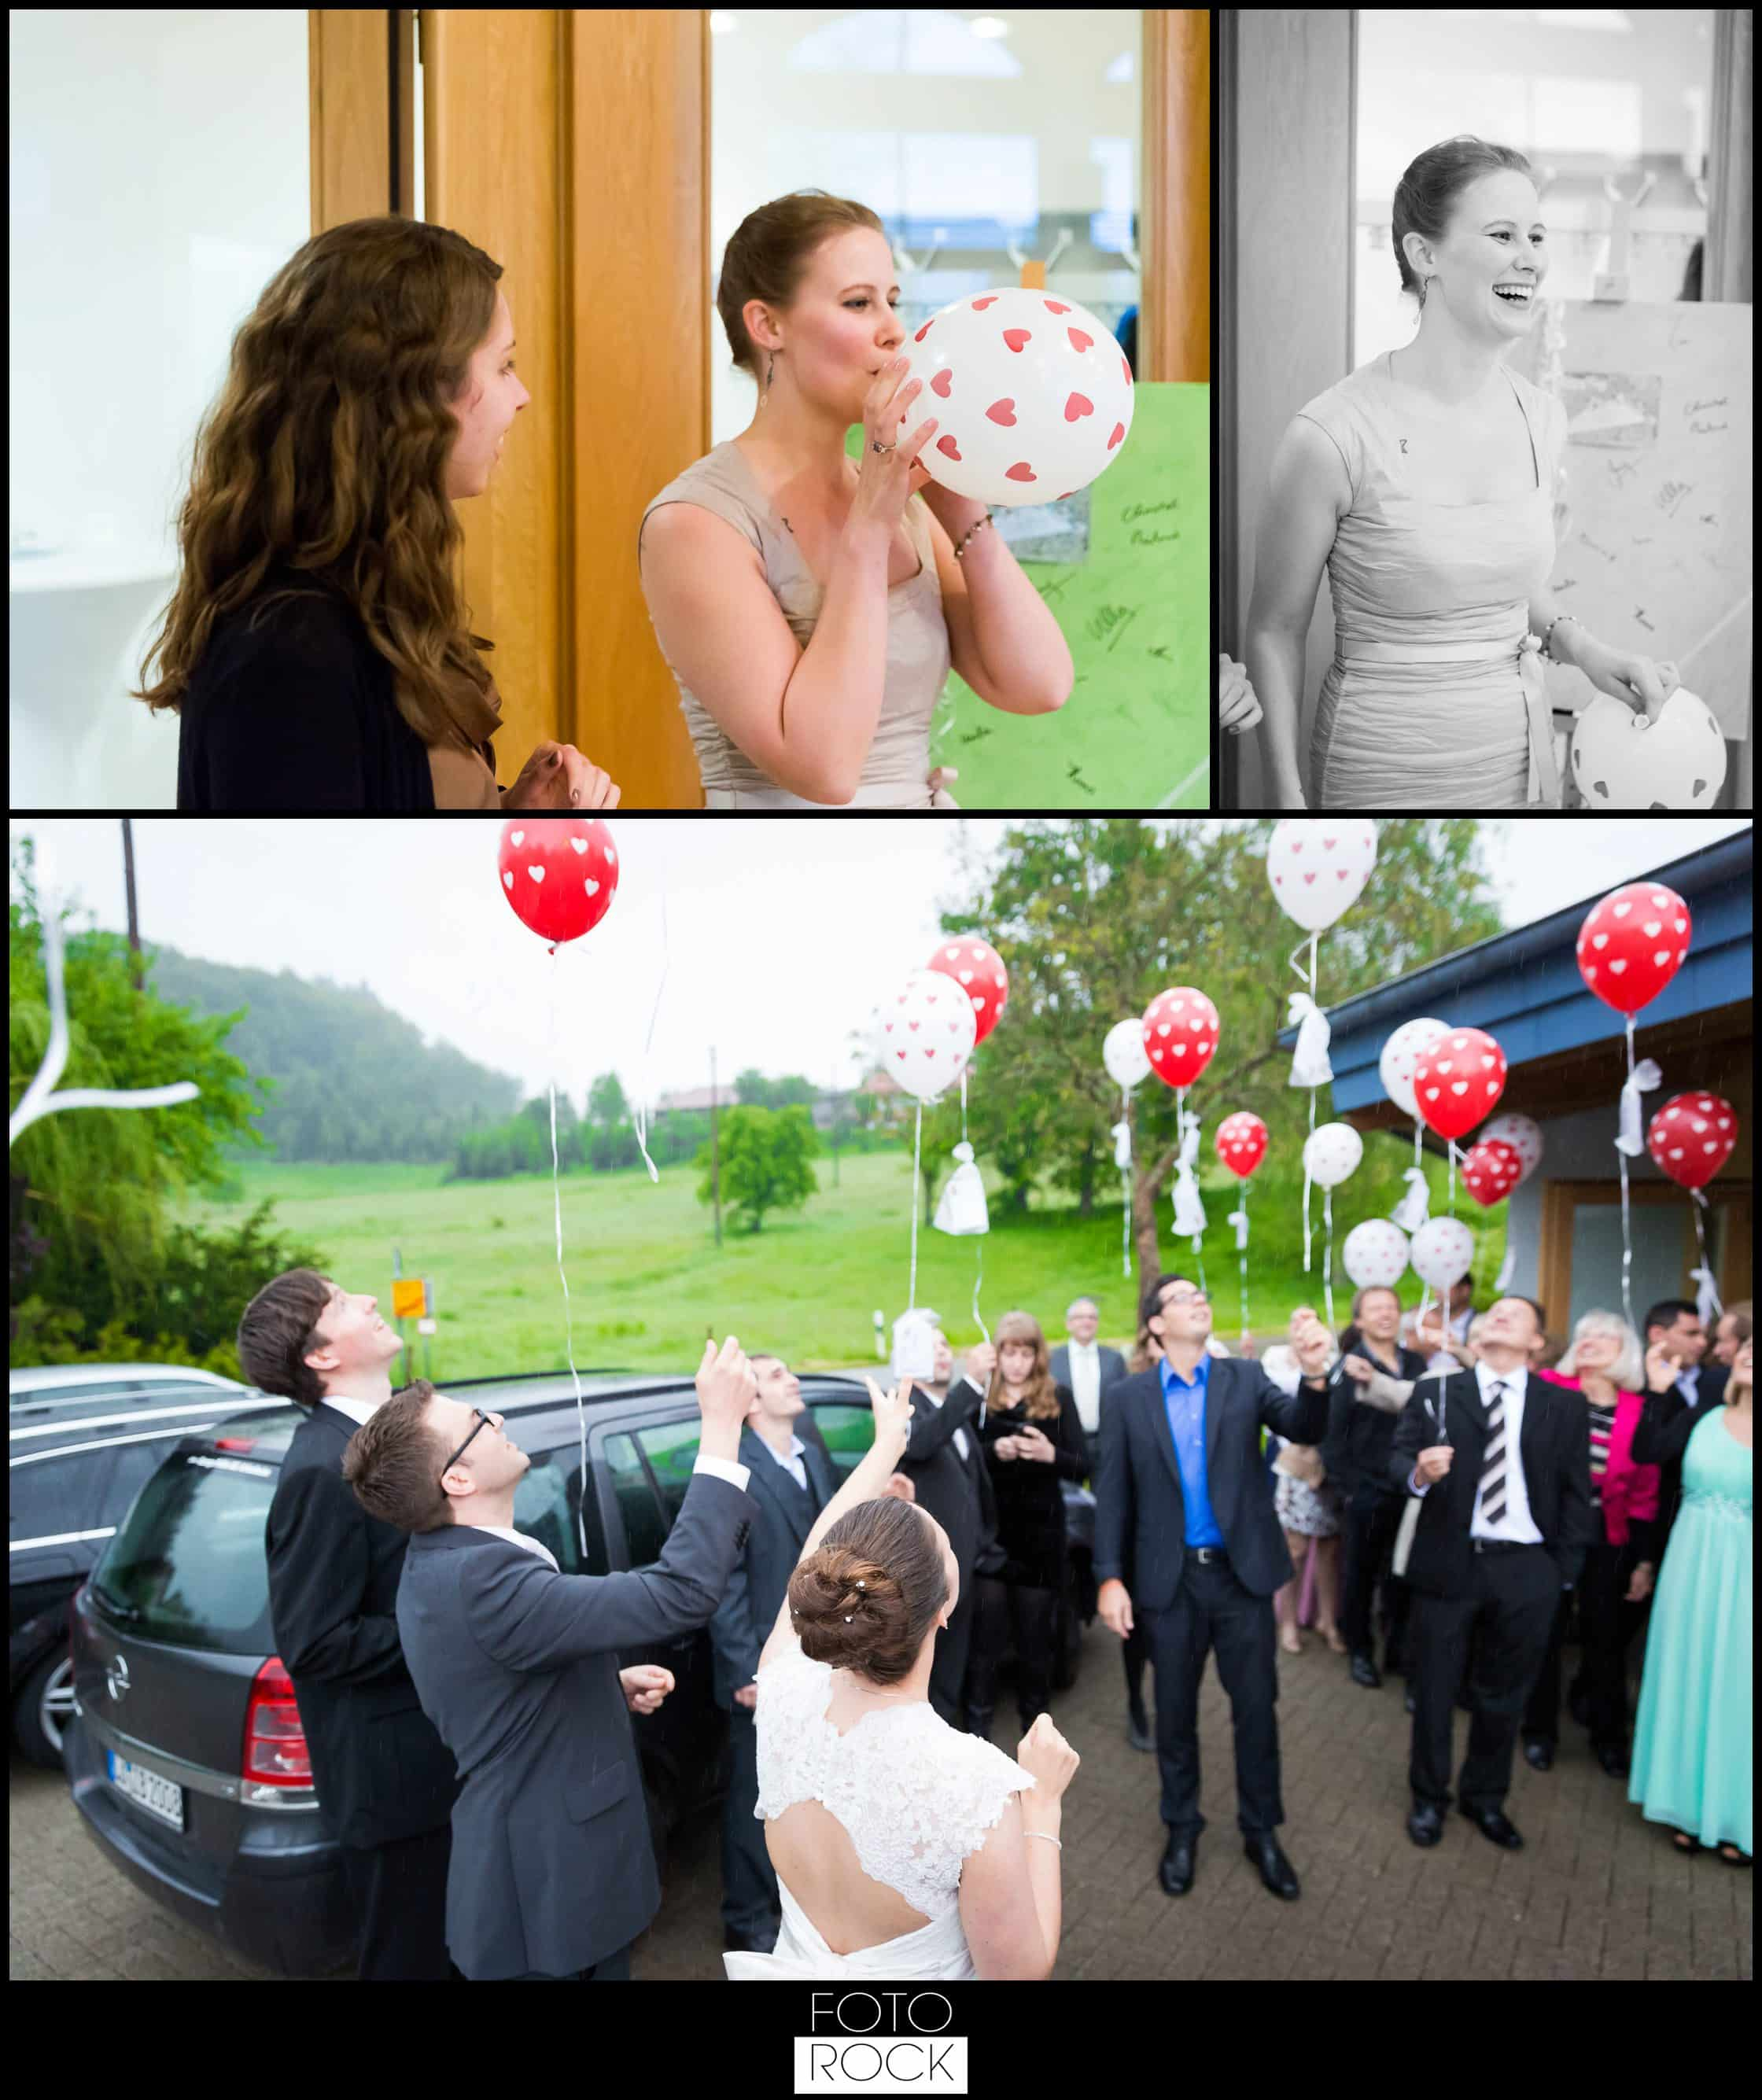 Hochzeit Vitra Design Museum Weil am Rhein Luftballons Outdoor